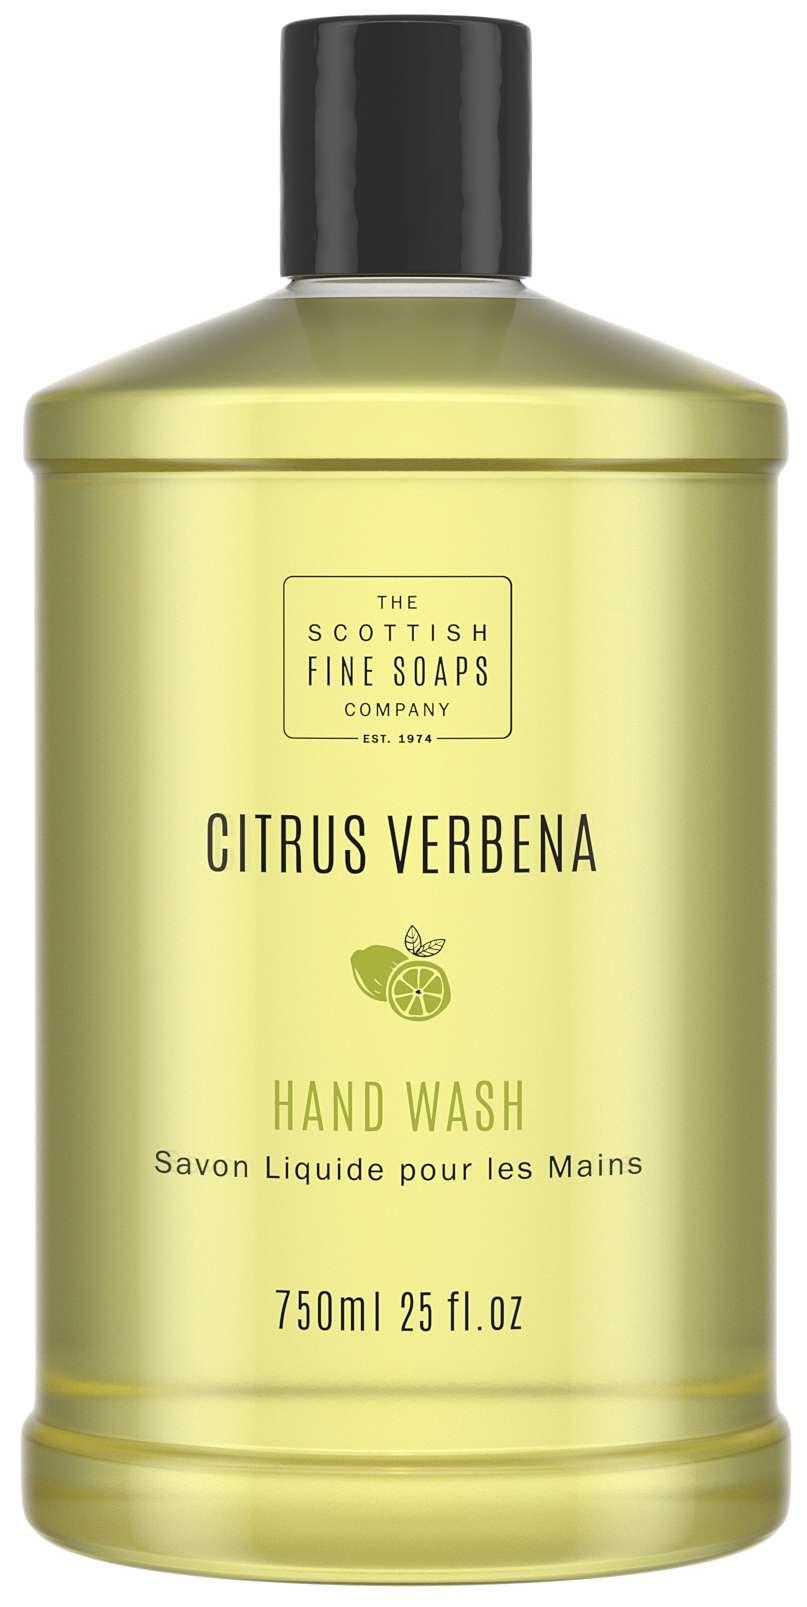 Citrus Verbena Hand Wash Refill